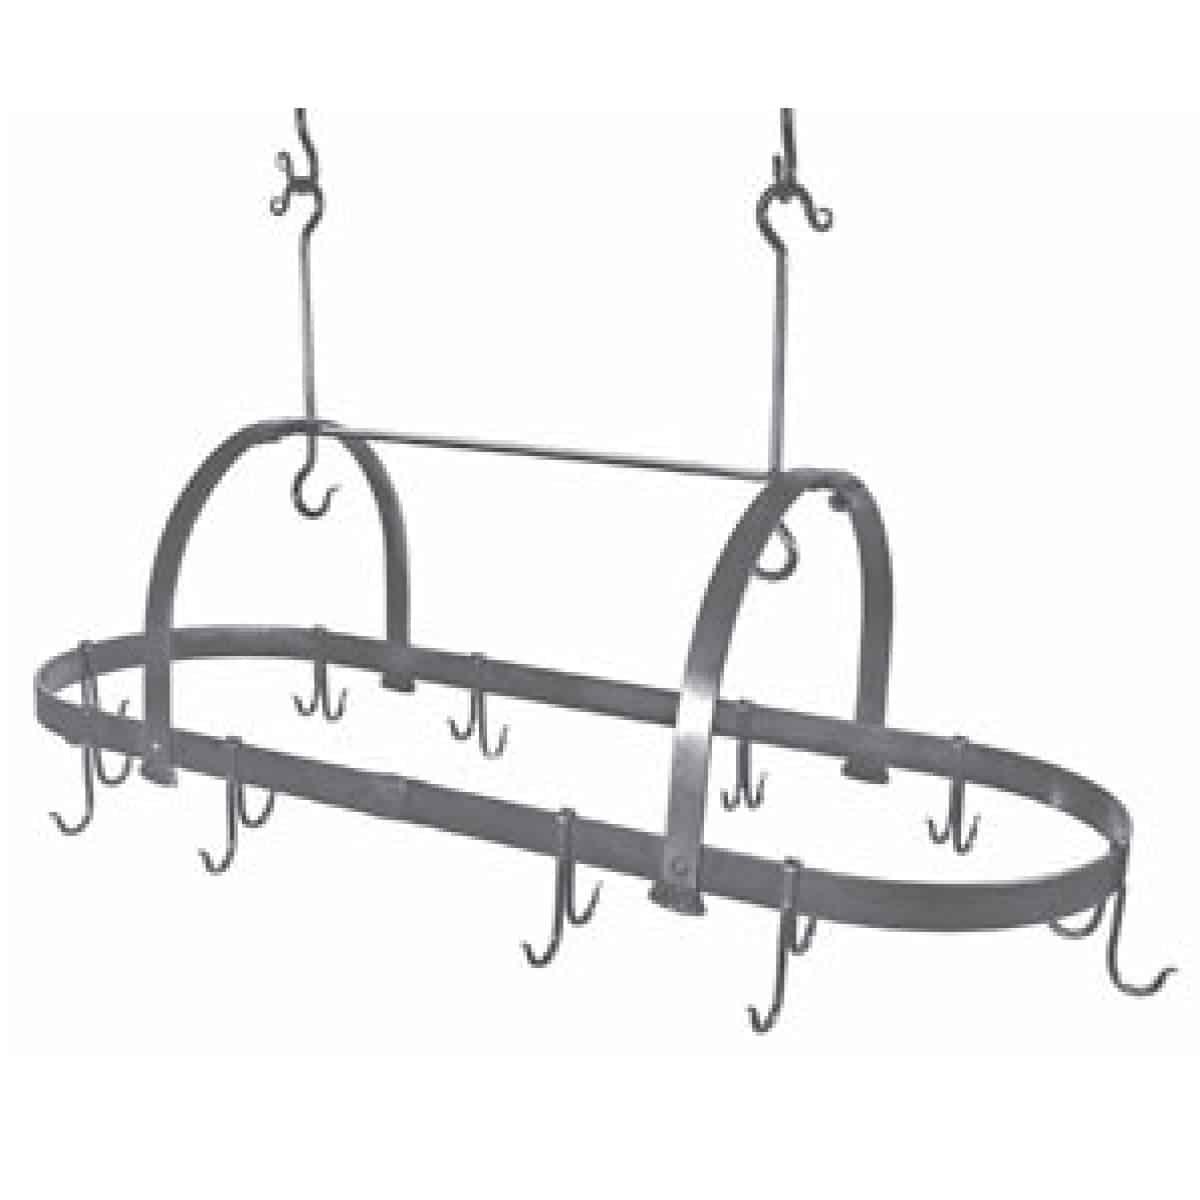 Oval Pot Rack, no bars